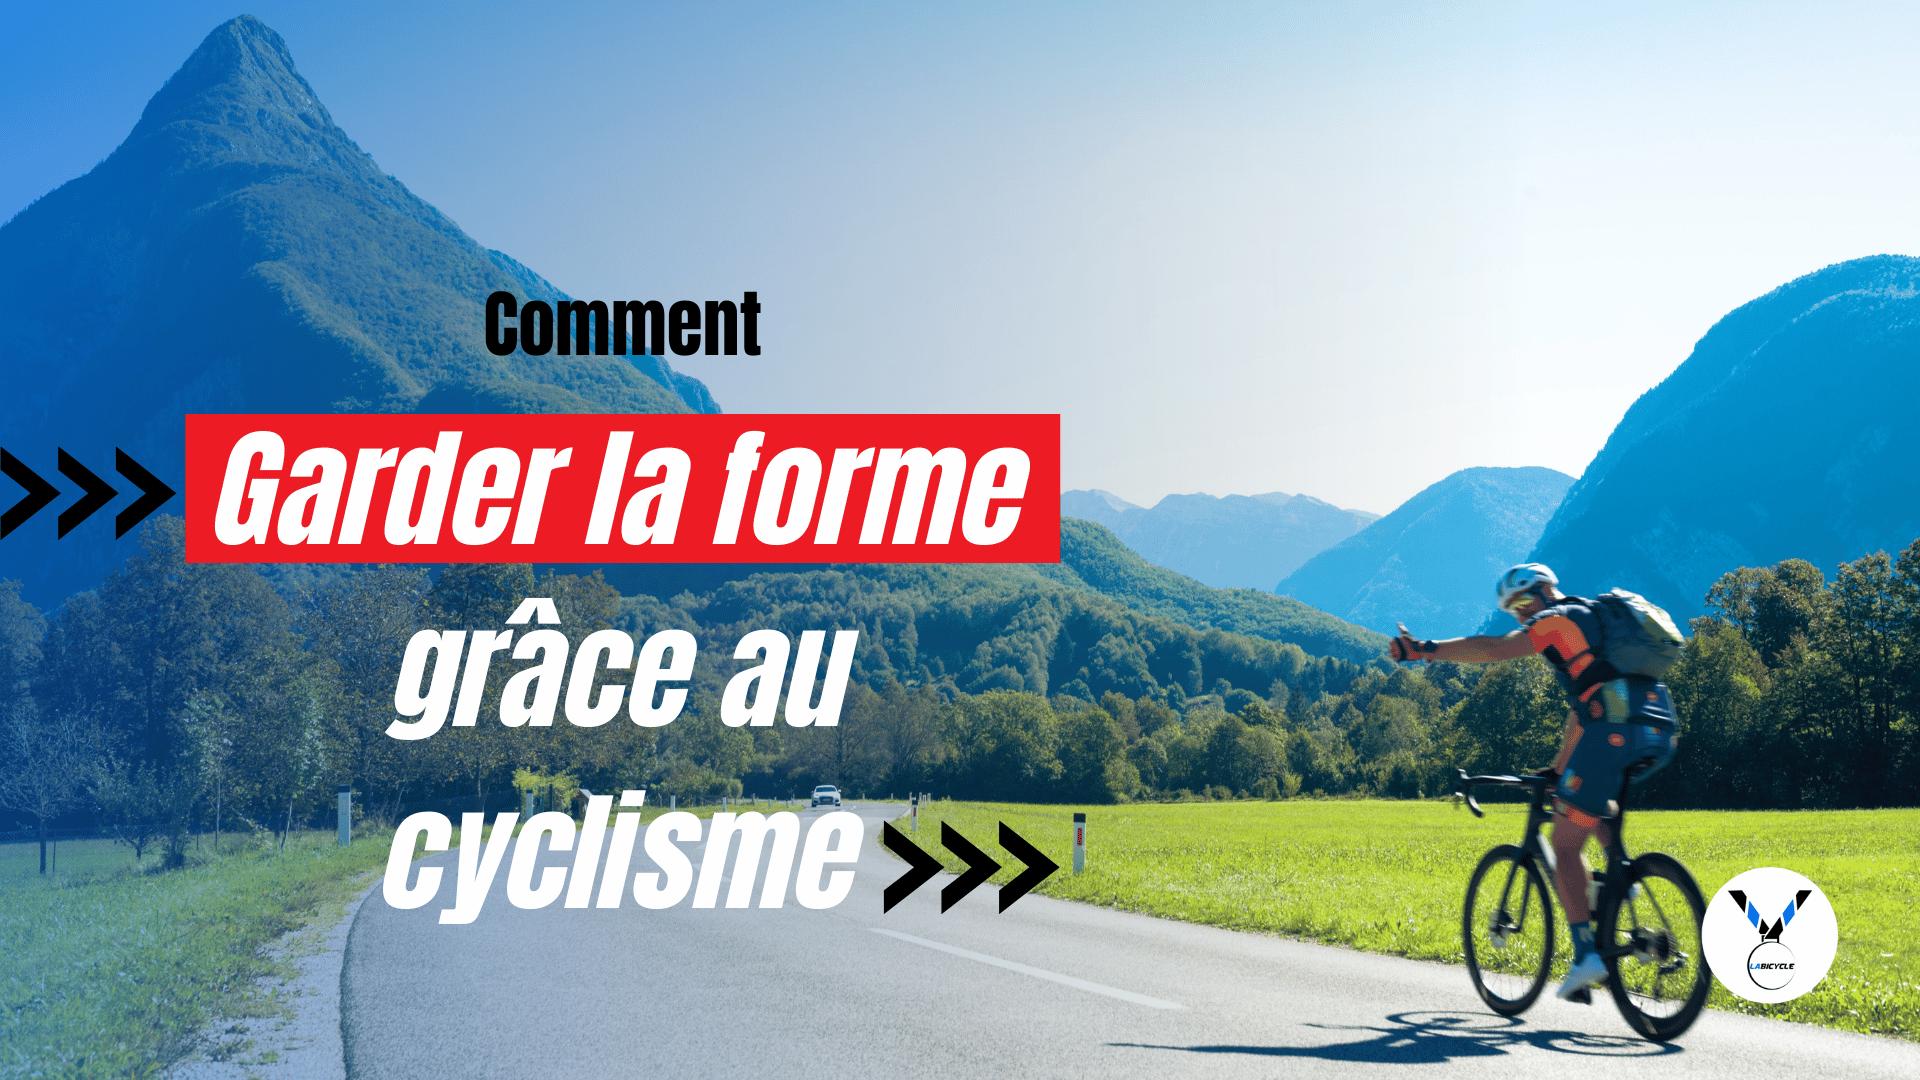 Être plus en forme grâce au cyclisme : mythe ou réalité ?